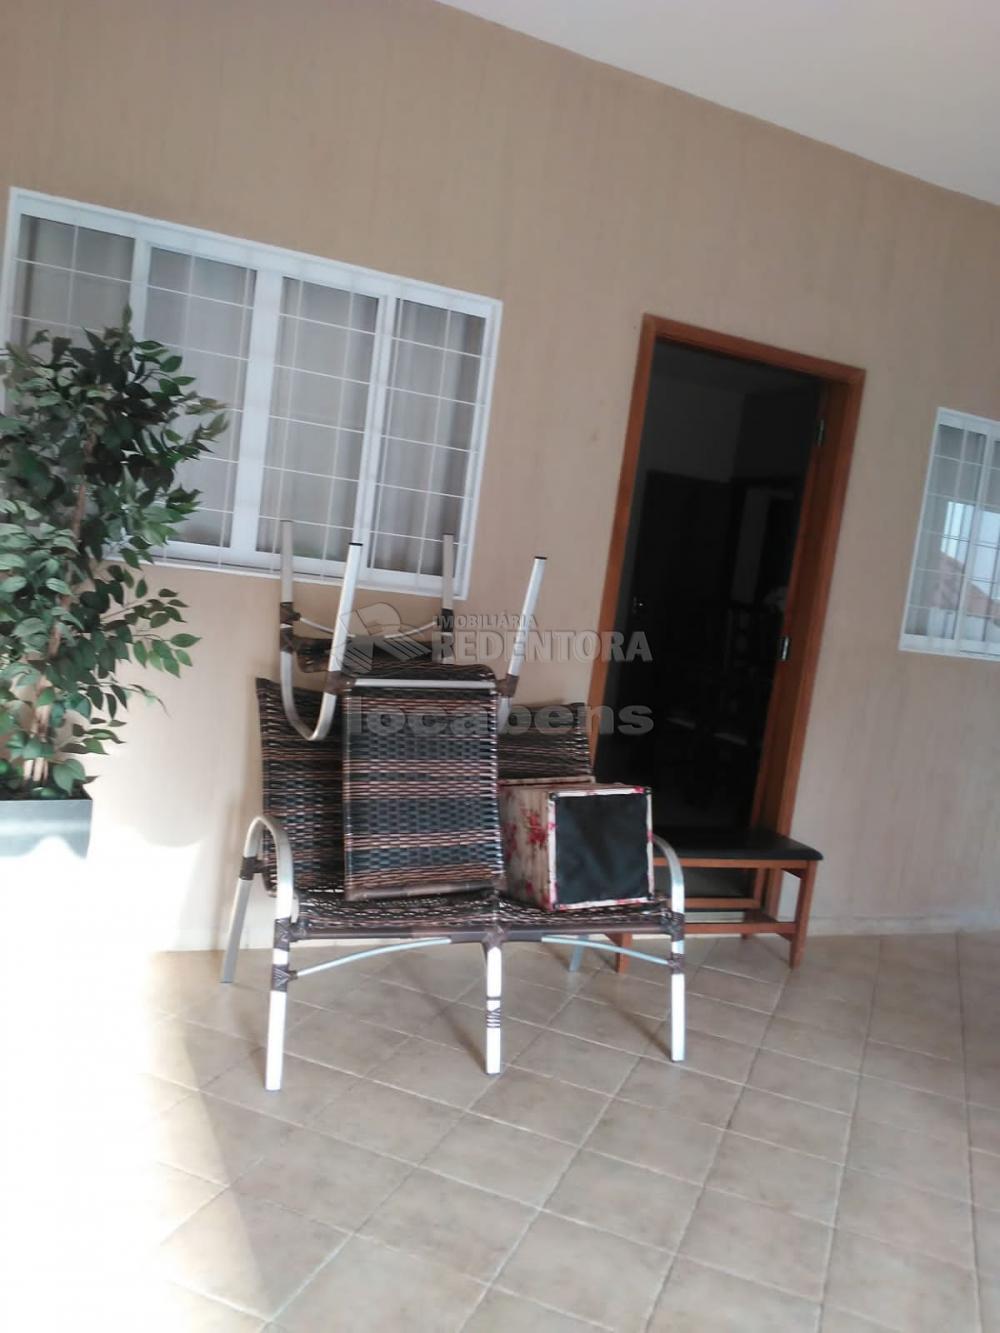 Comprar Casa / Padrão em São José do Rio Preto R$ 500.000,00 - Foto 17